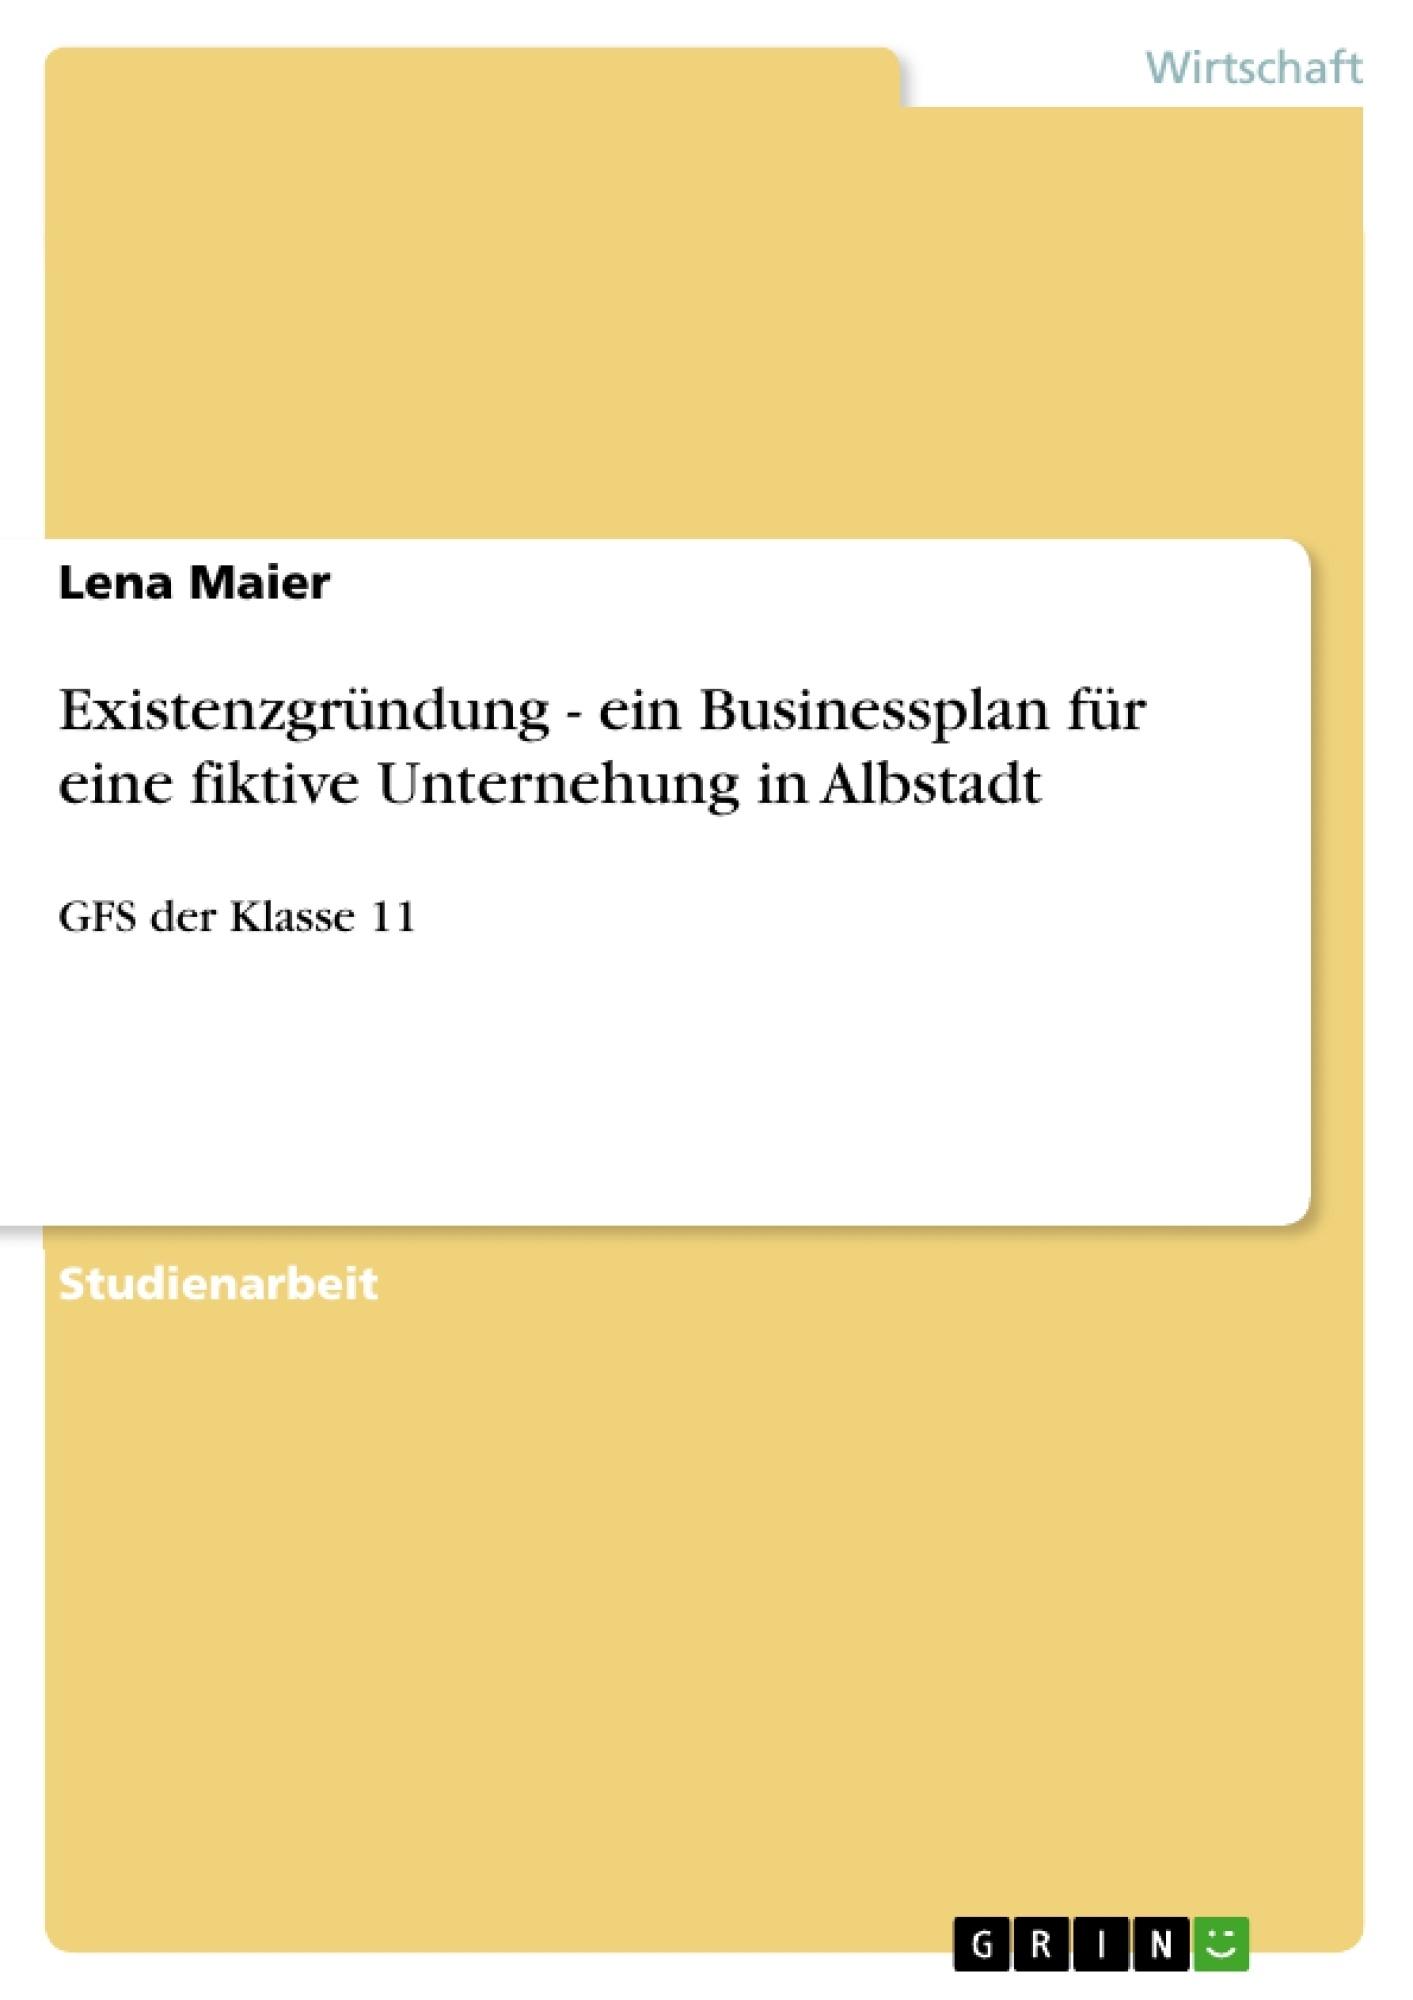 Titel: Existenzgründung - ein Businessplan für eine fiktive Unternehung in Albstadt